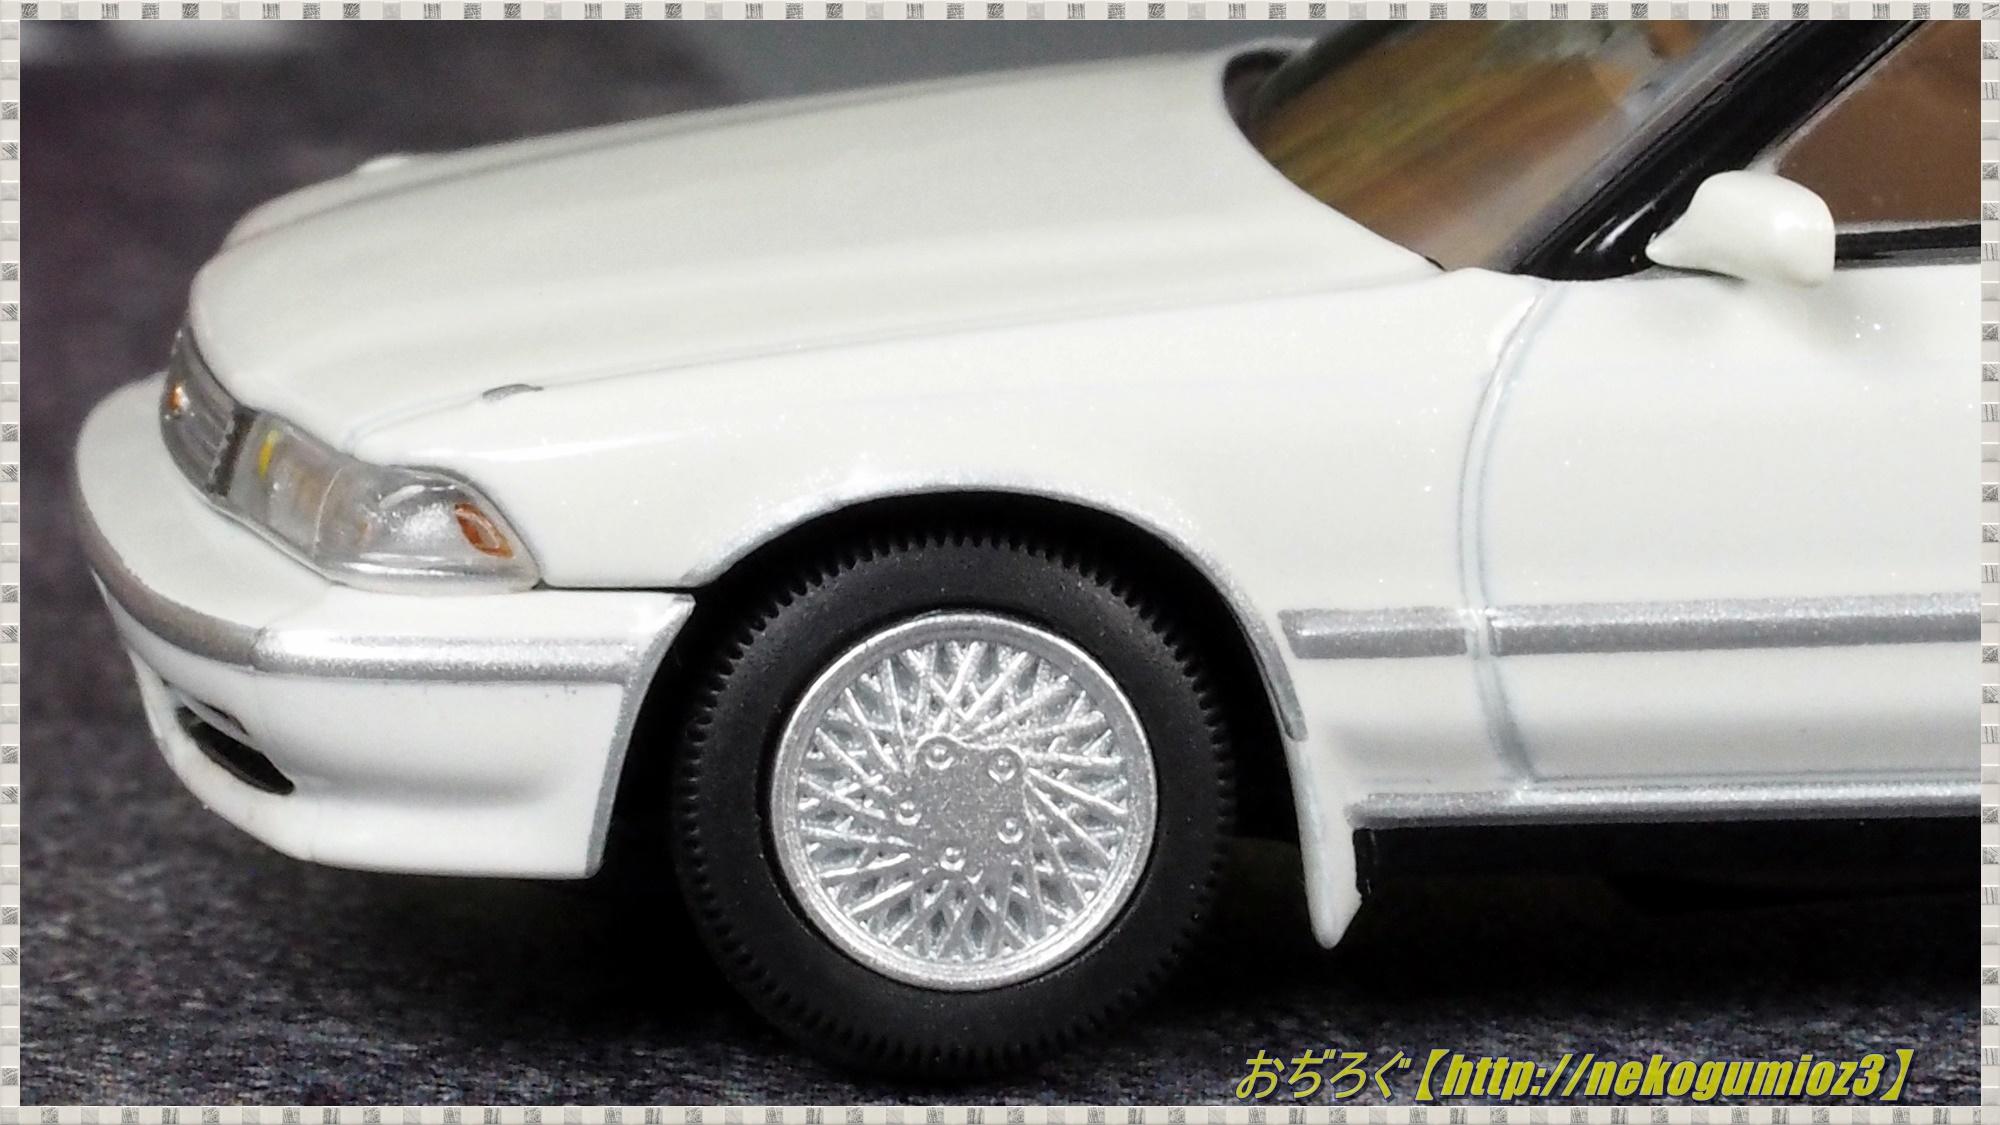 200307163.jpg